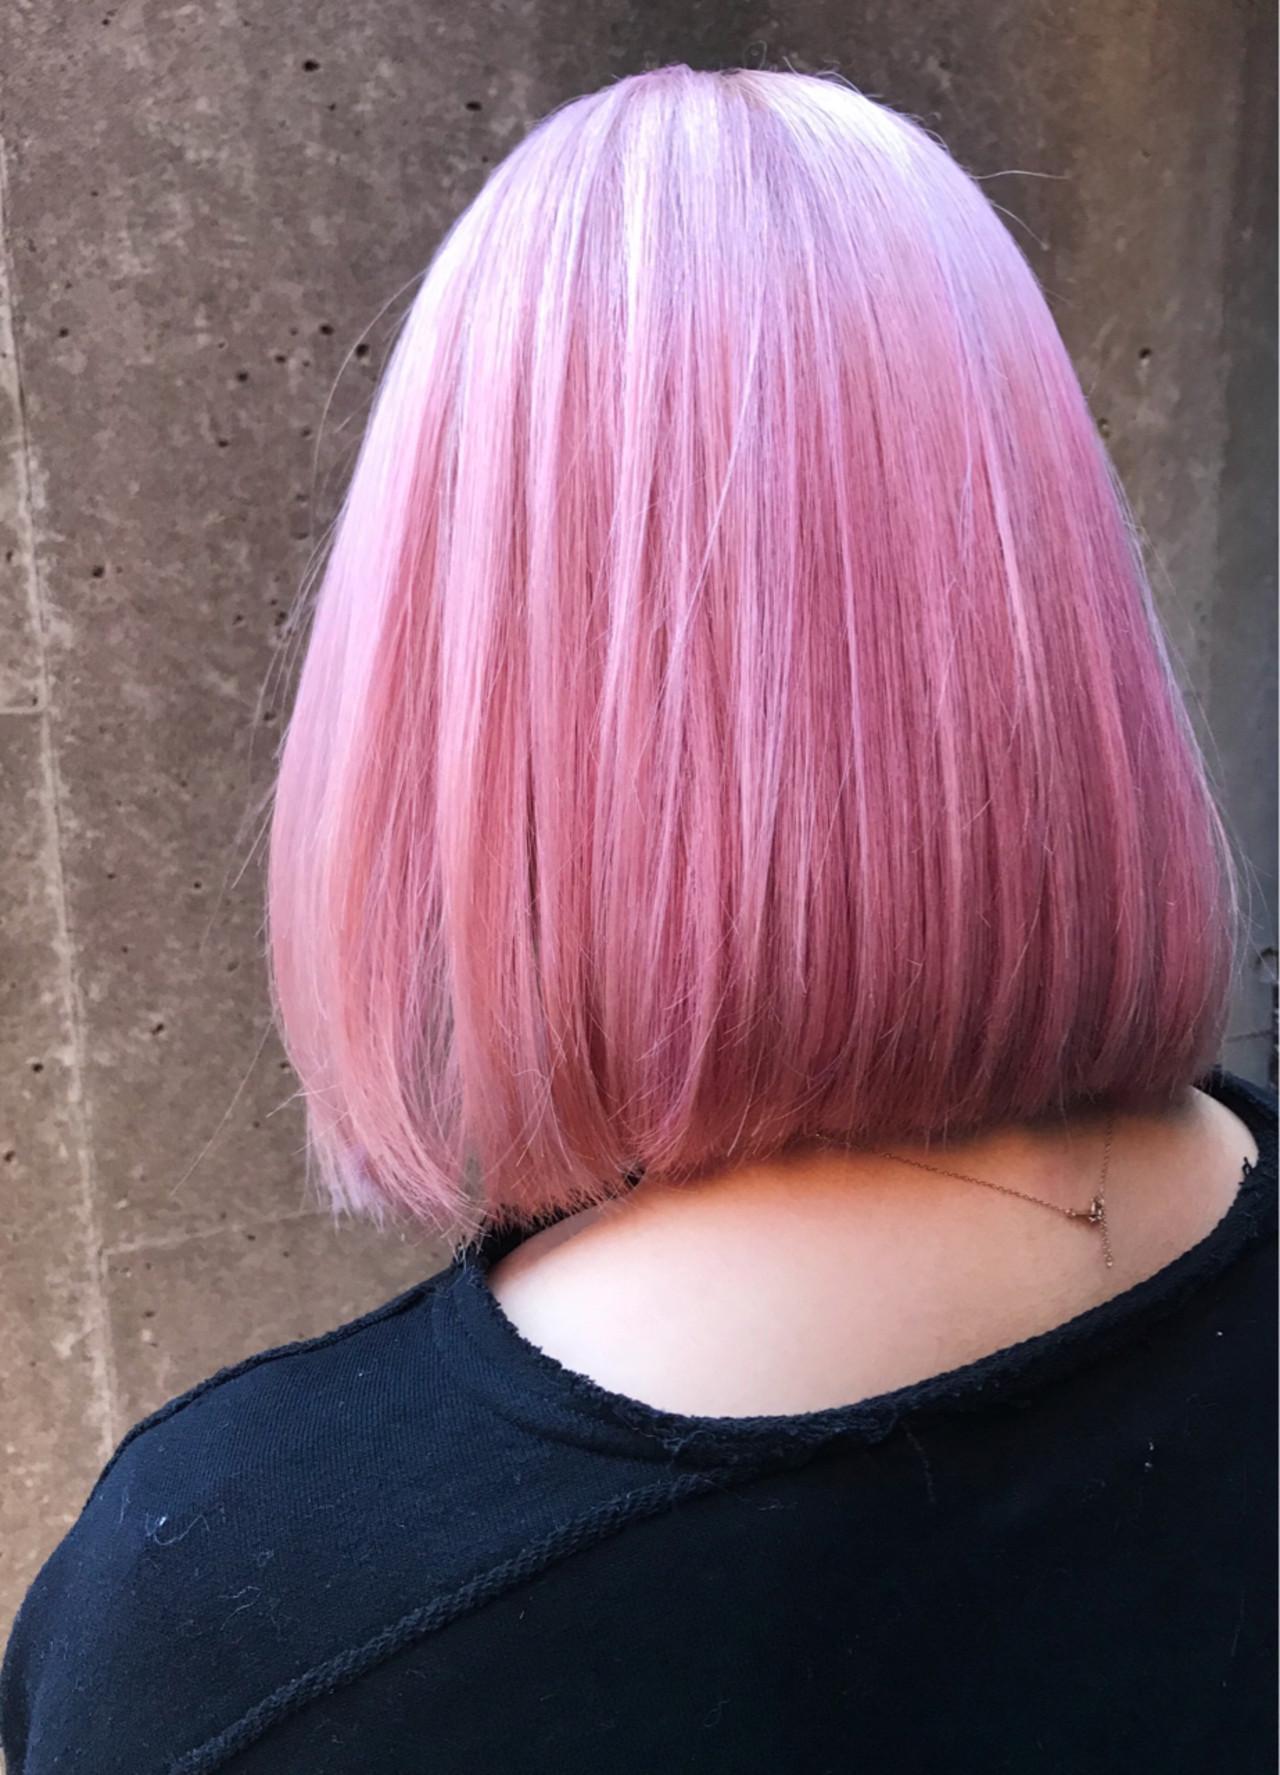 ガーリー ピンク ボブ ブリーチ ヘアスタイルや髪型の写真・画像